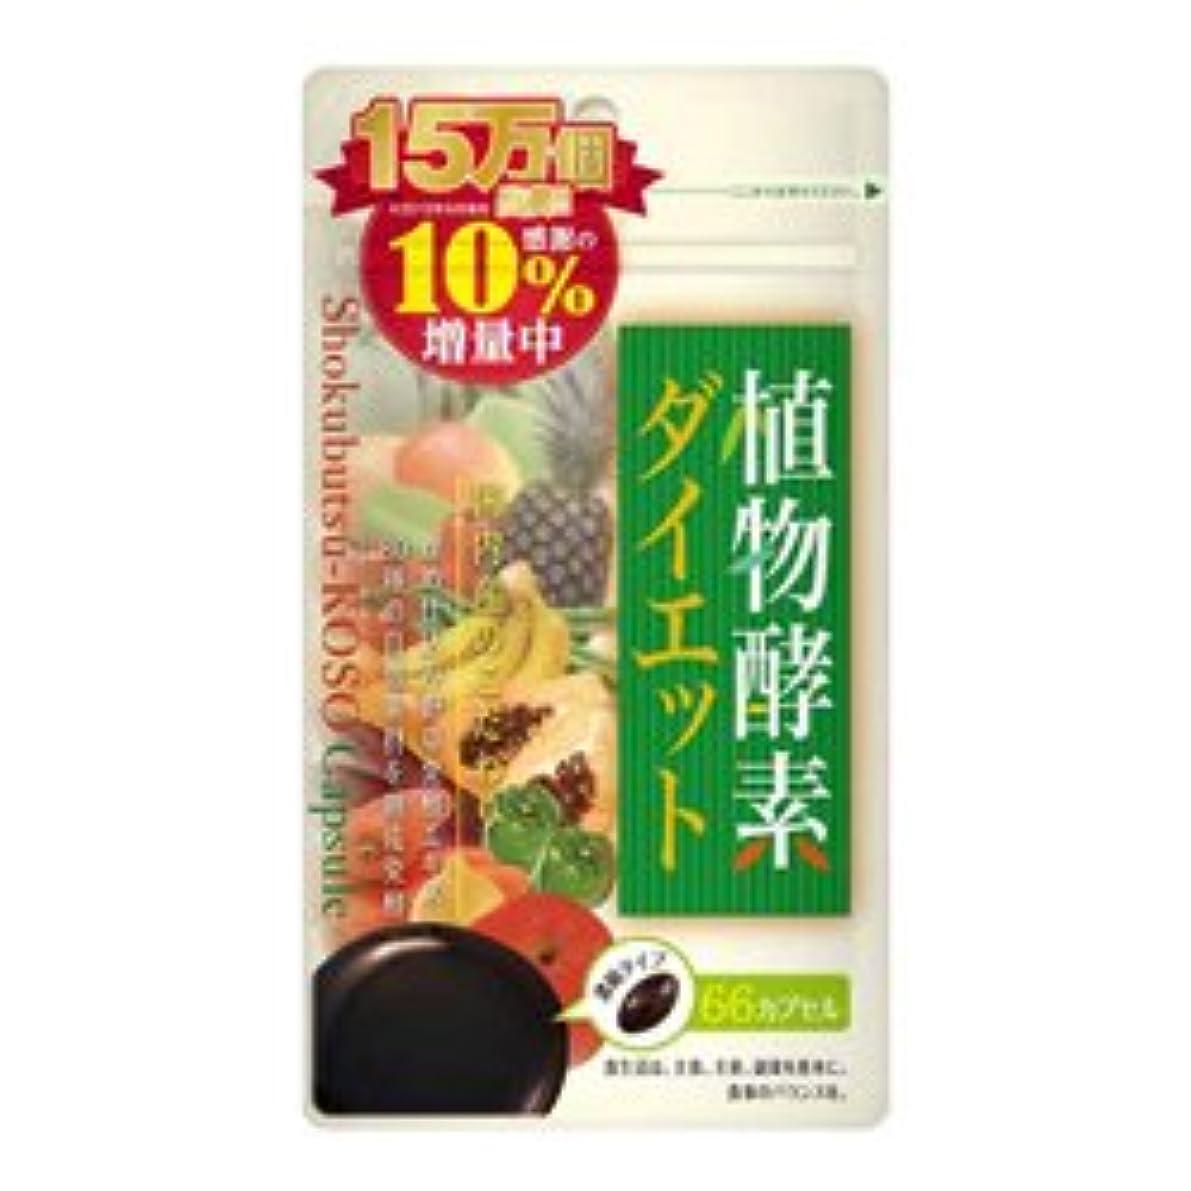 幹証人ランチ【ウエルネスジャパン】植物酵素ダイエット 66カプセル ×5個セット